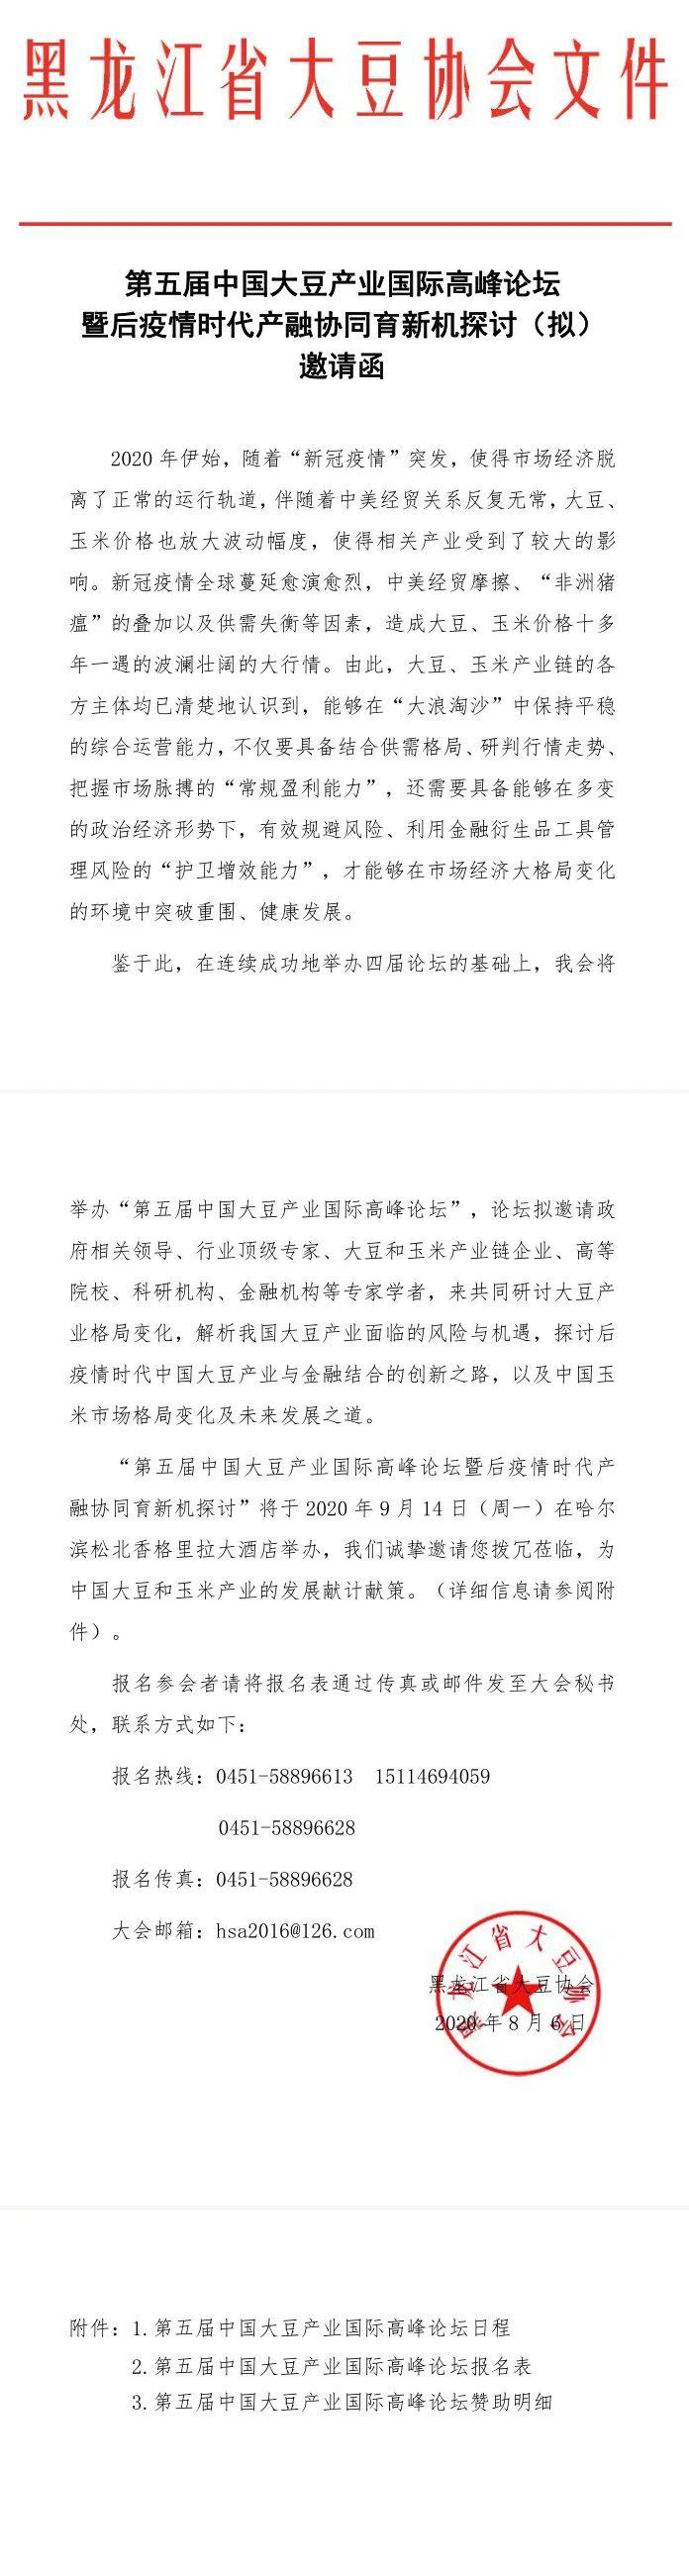 《第五届中国大豆产业国际高峰论坛》抢票倒计时9天,余位有限!!!